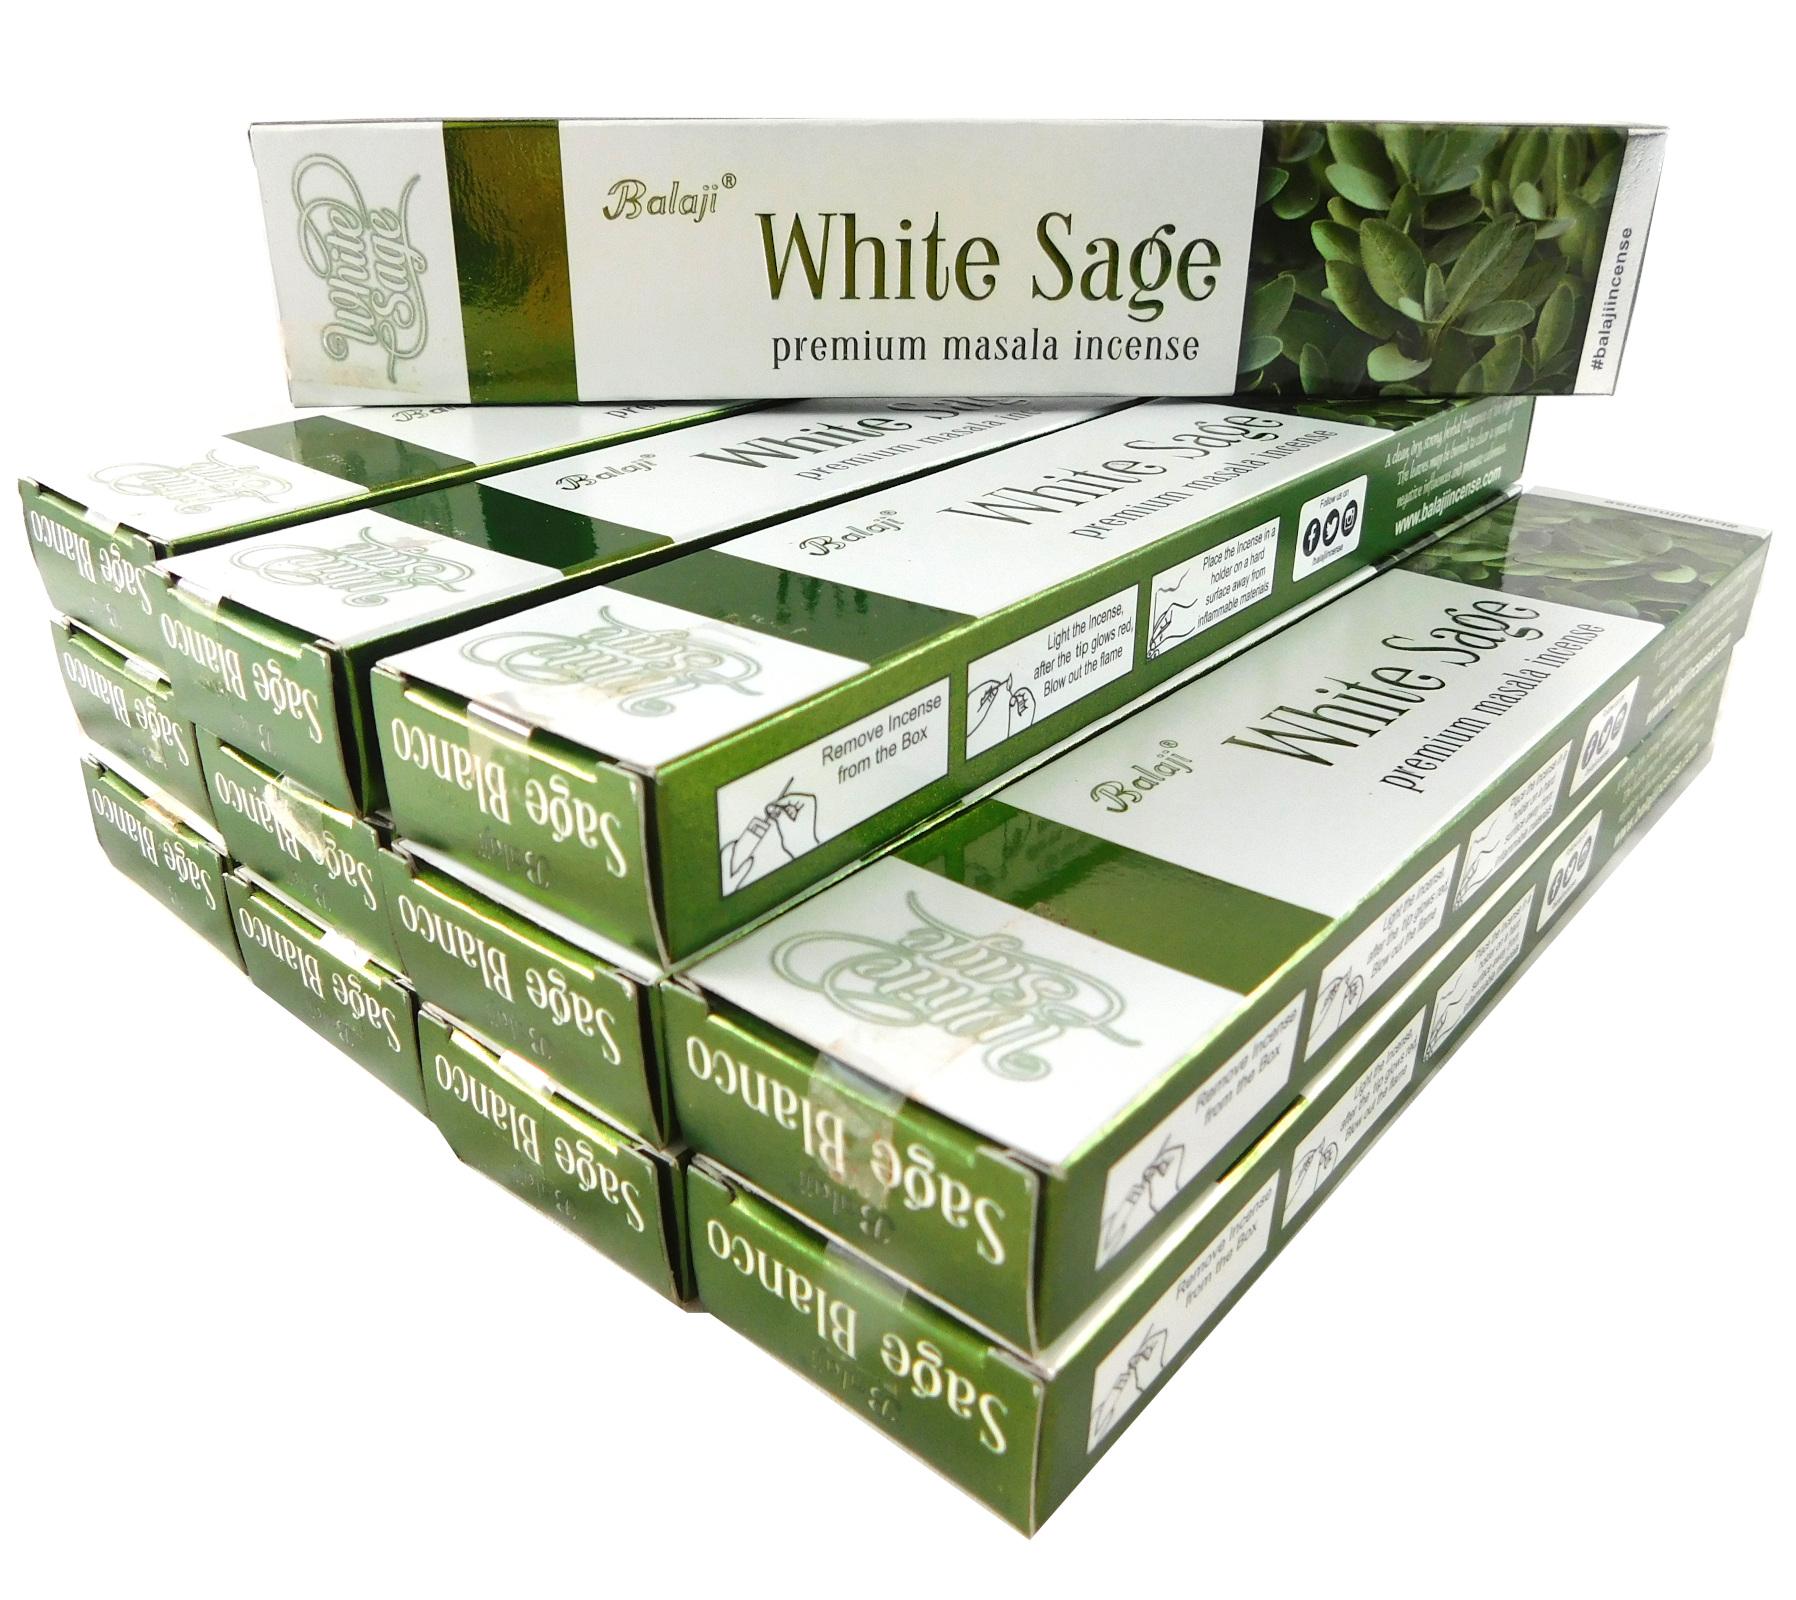 Räucherstäbchen Balaji White Sage Big Pack 12 Packungen a 15g. Ca. 180 Incence Sticks